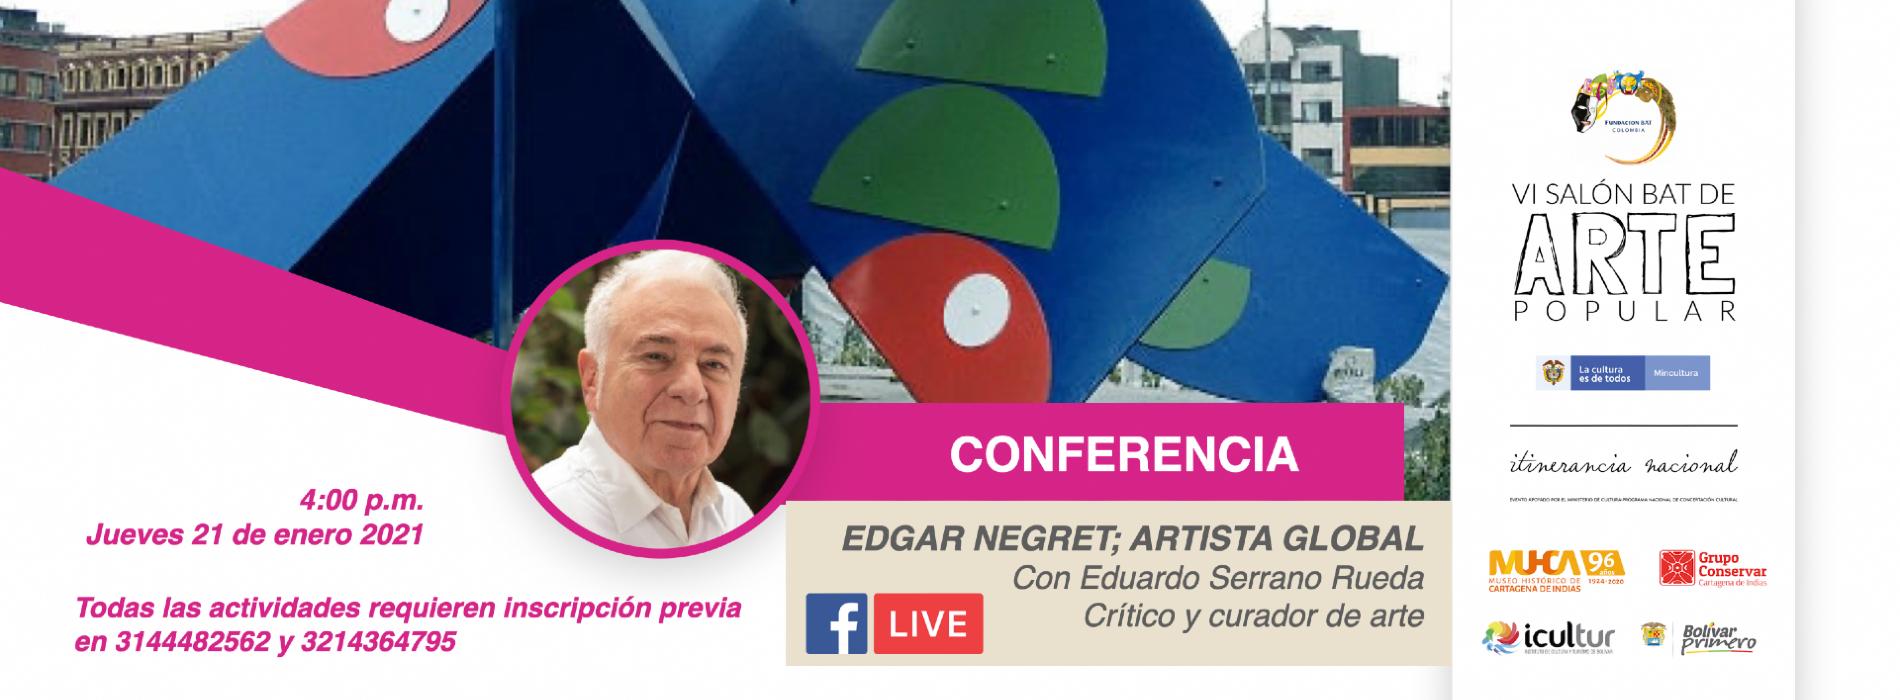 Exposición Edgar Negret